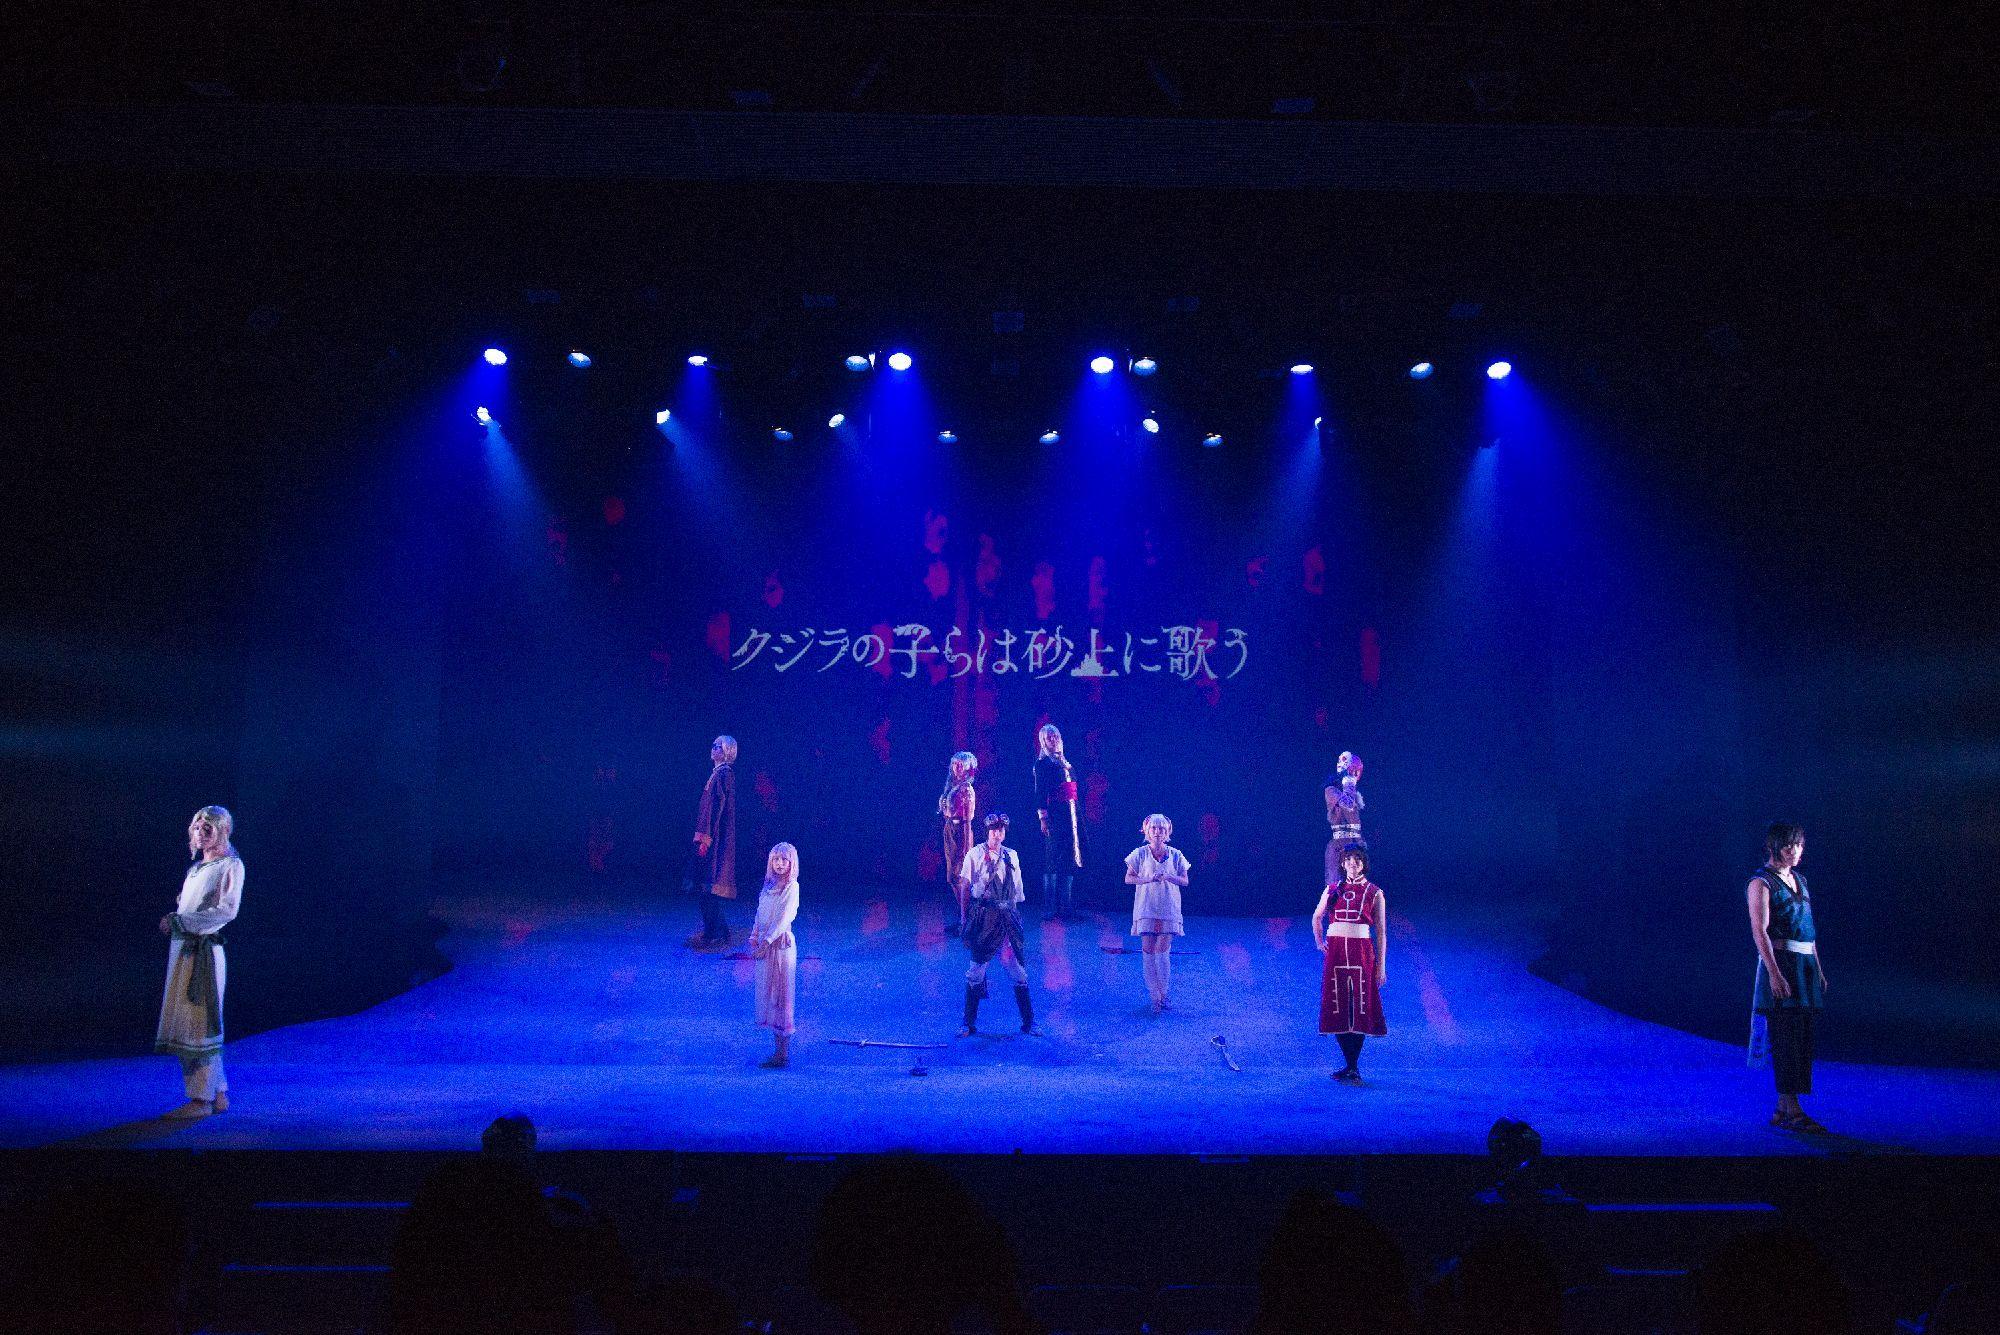 舞台『クジラの子らは砂上に歌う』 ©舞台「クジラの子らは砂上に歌う」公演委員会